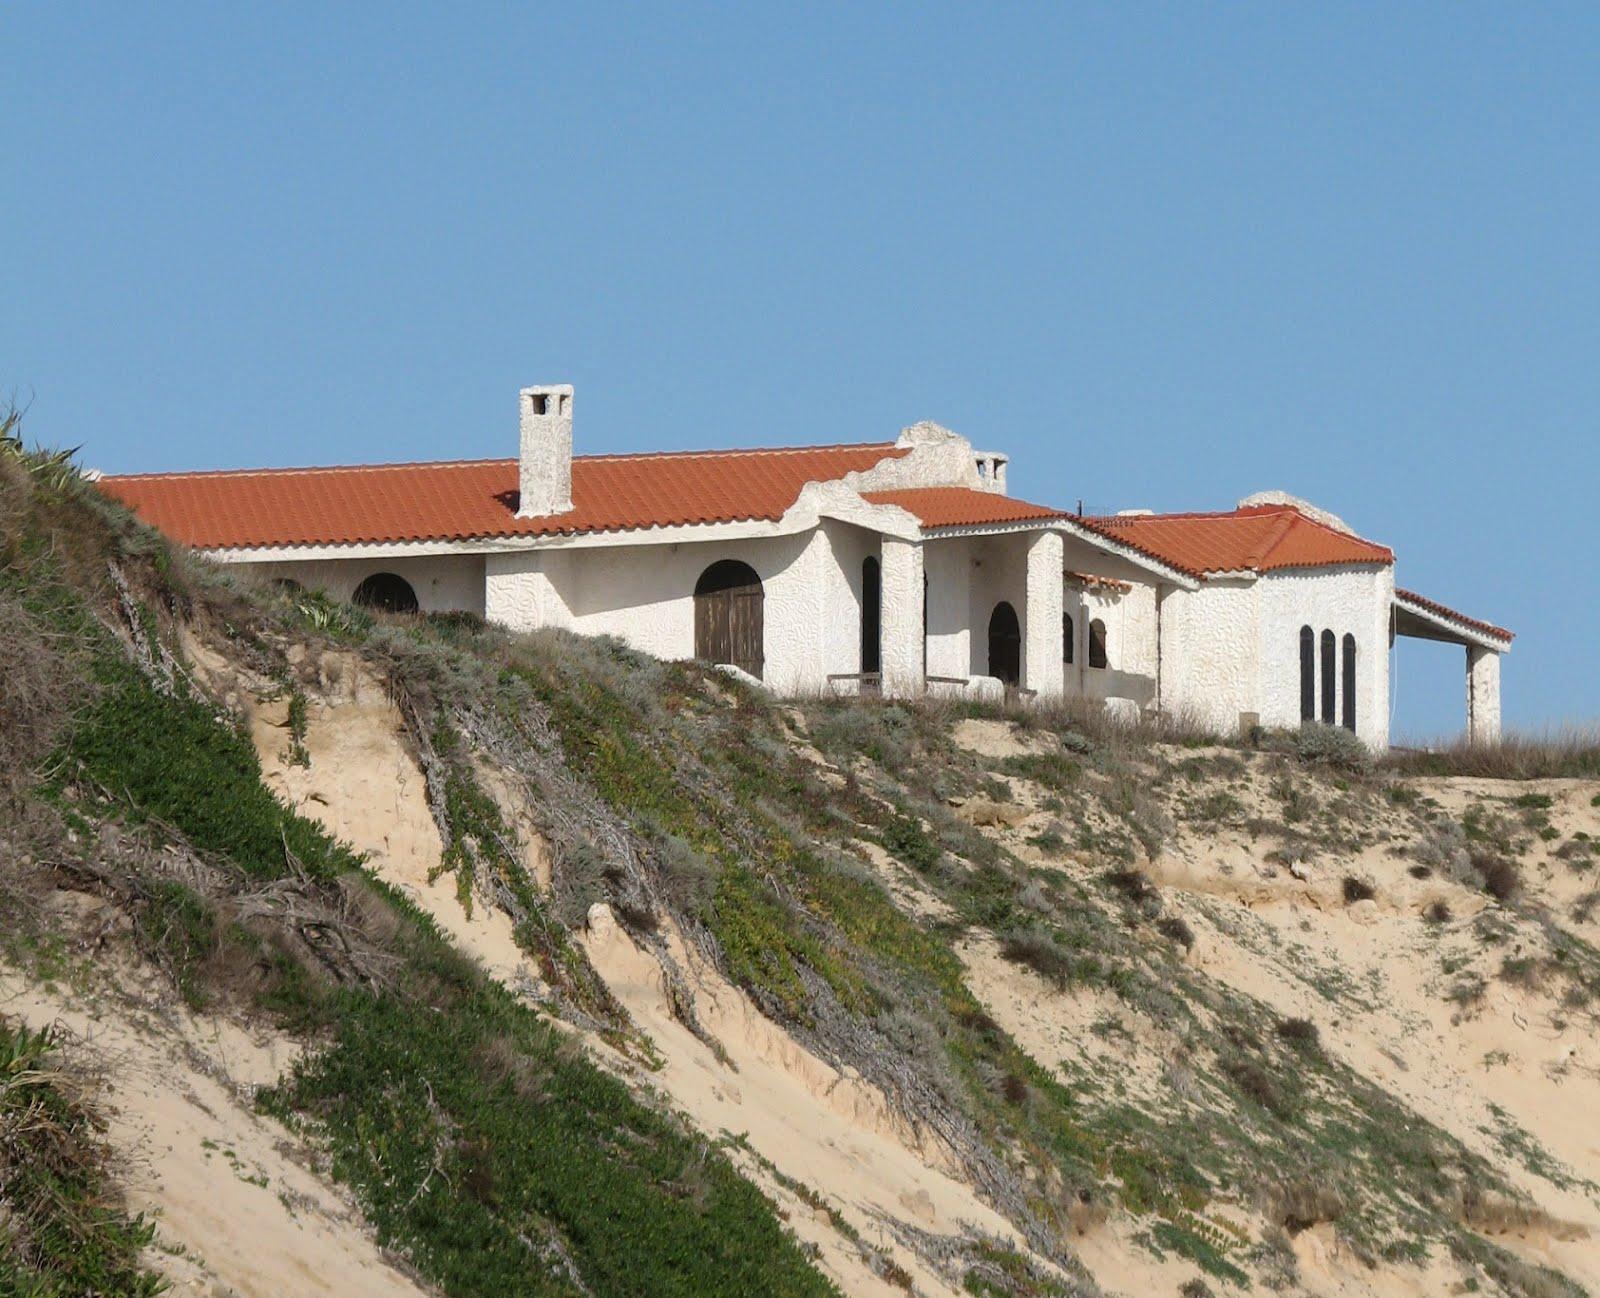 Su pallosu il blog sua una delle case pi belle di su for Arredamenti delle case piu belle